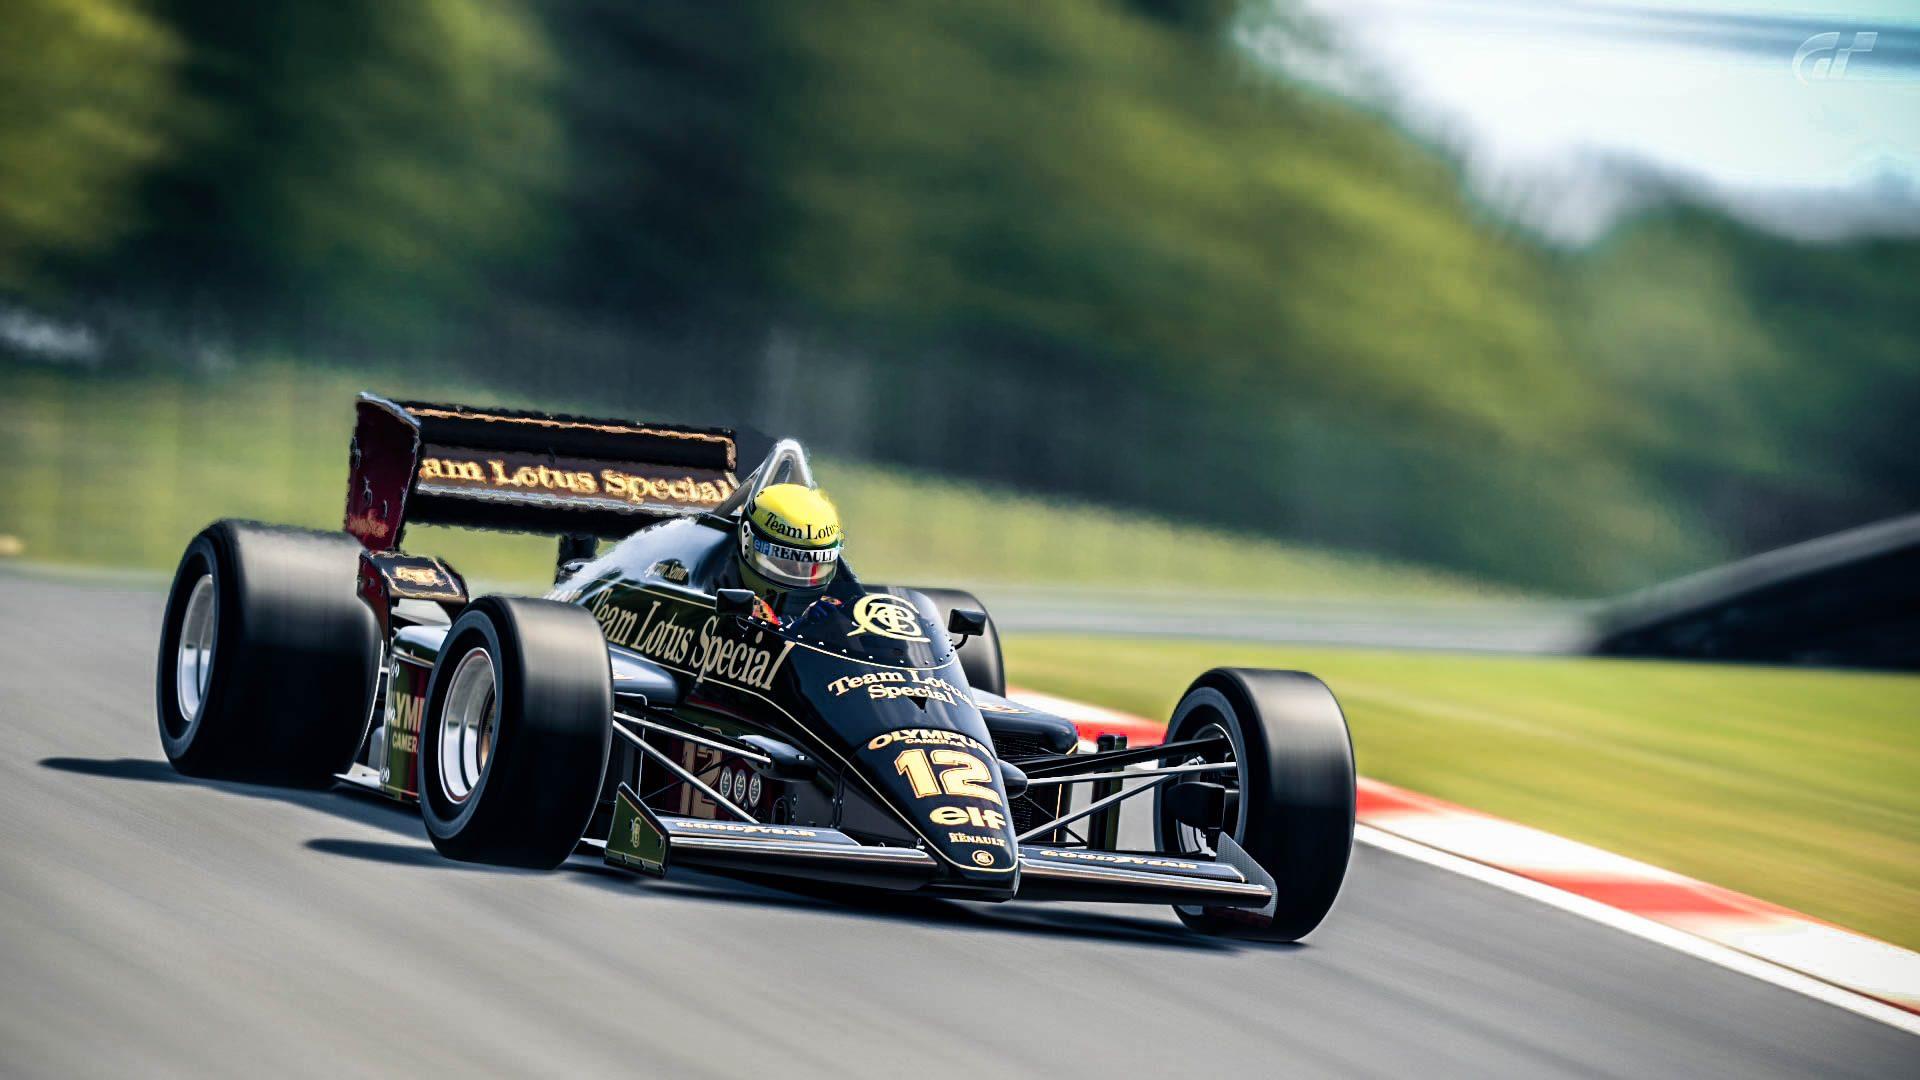 Senna_3.jpg